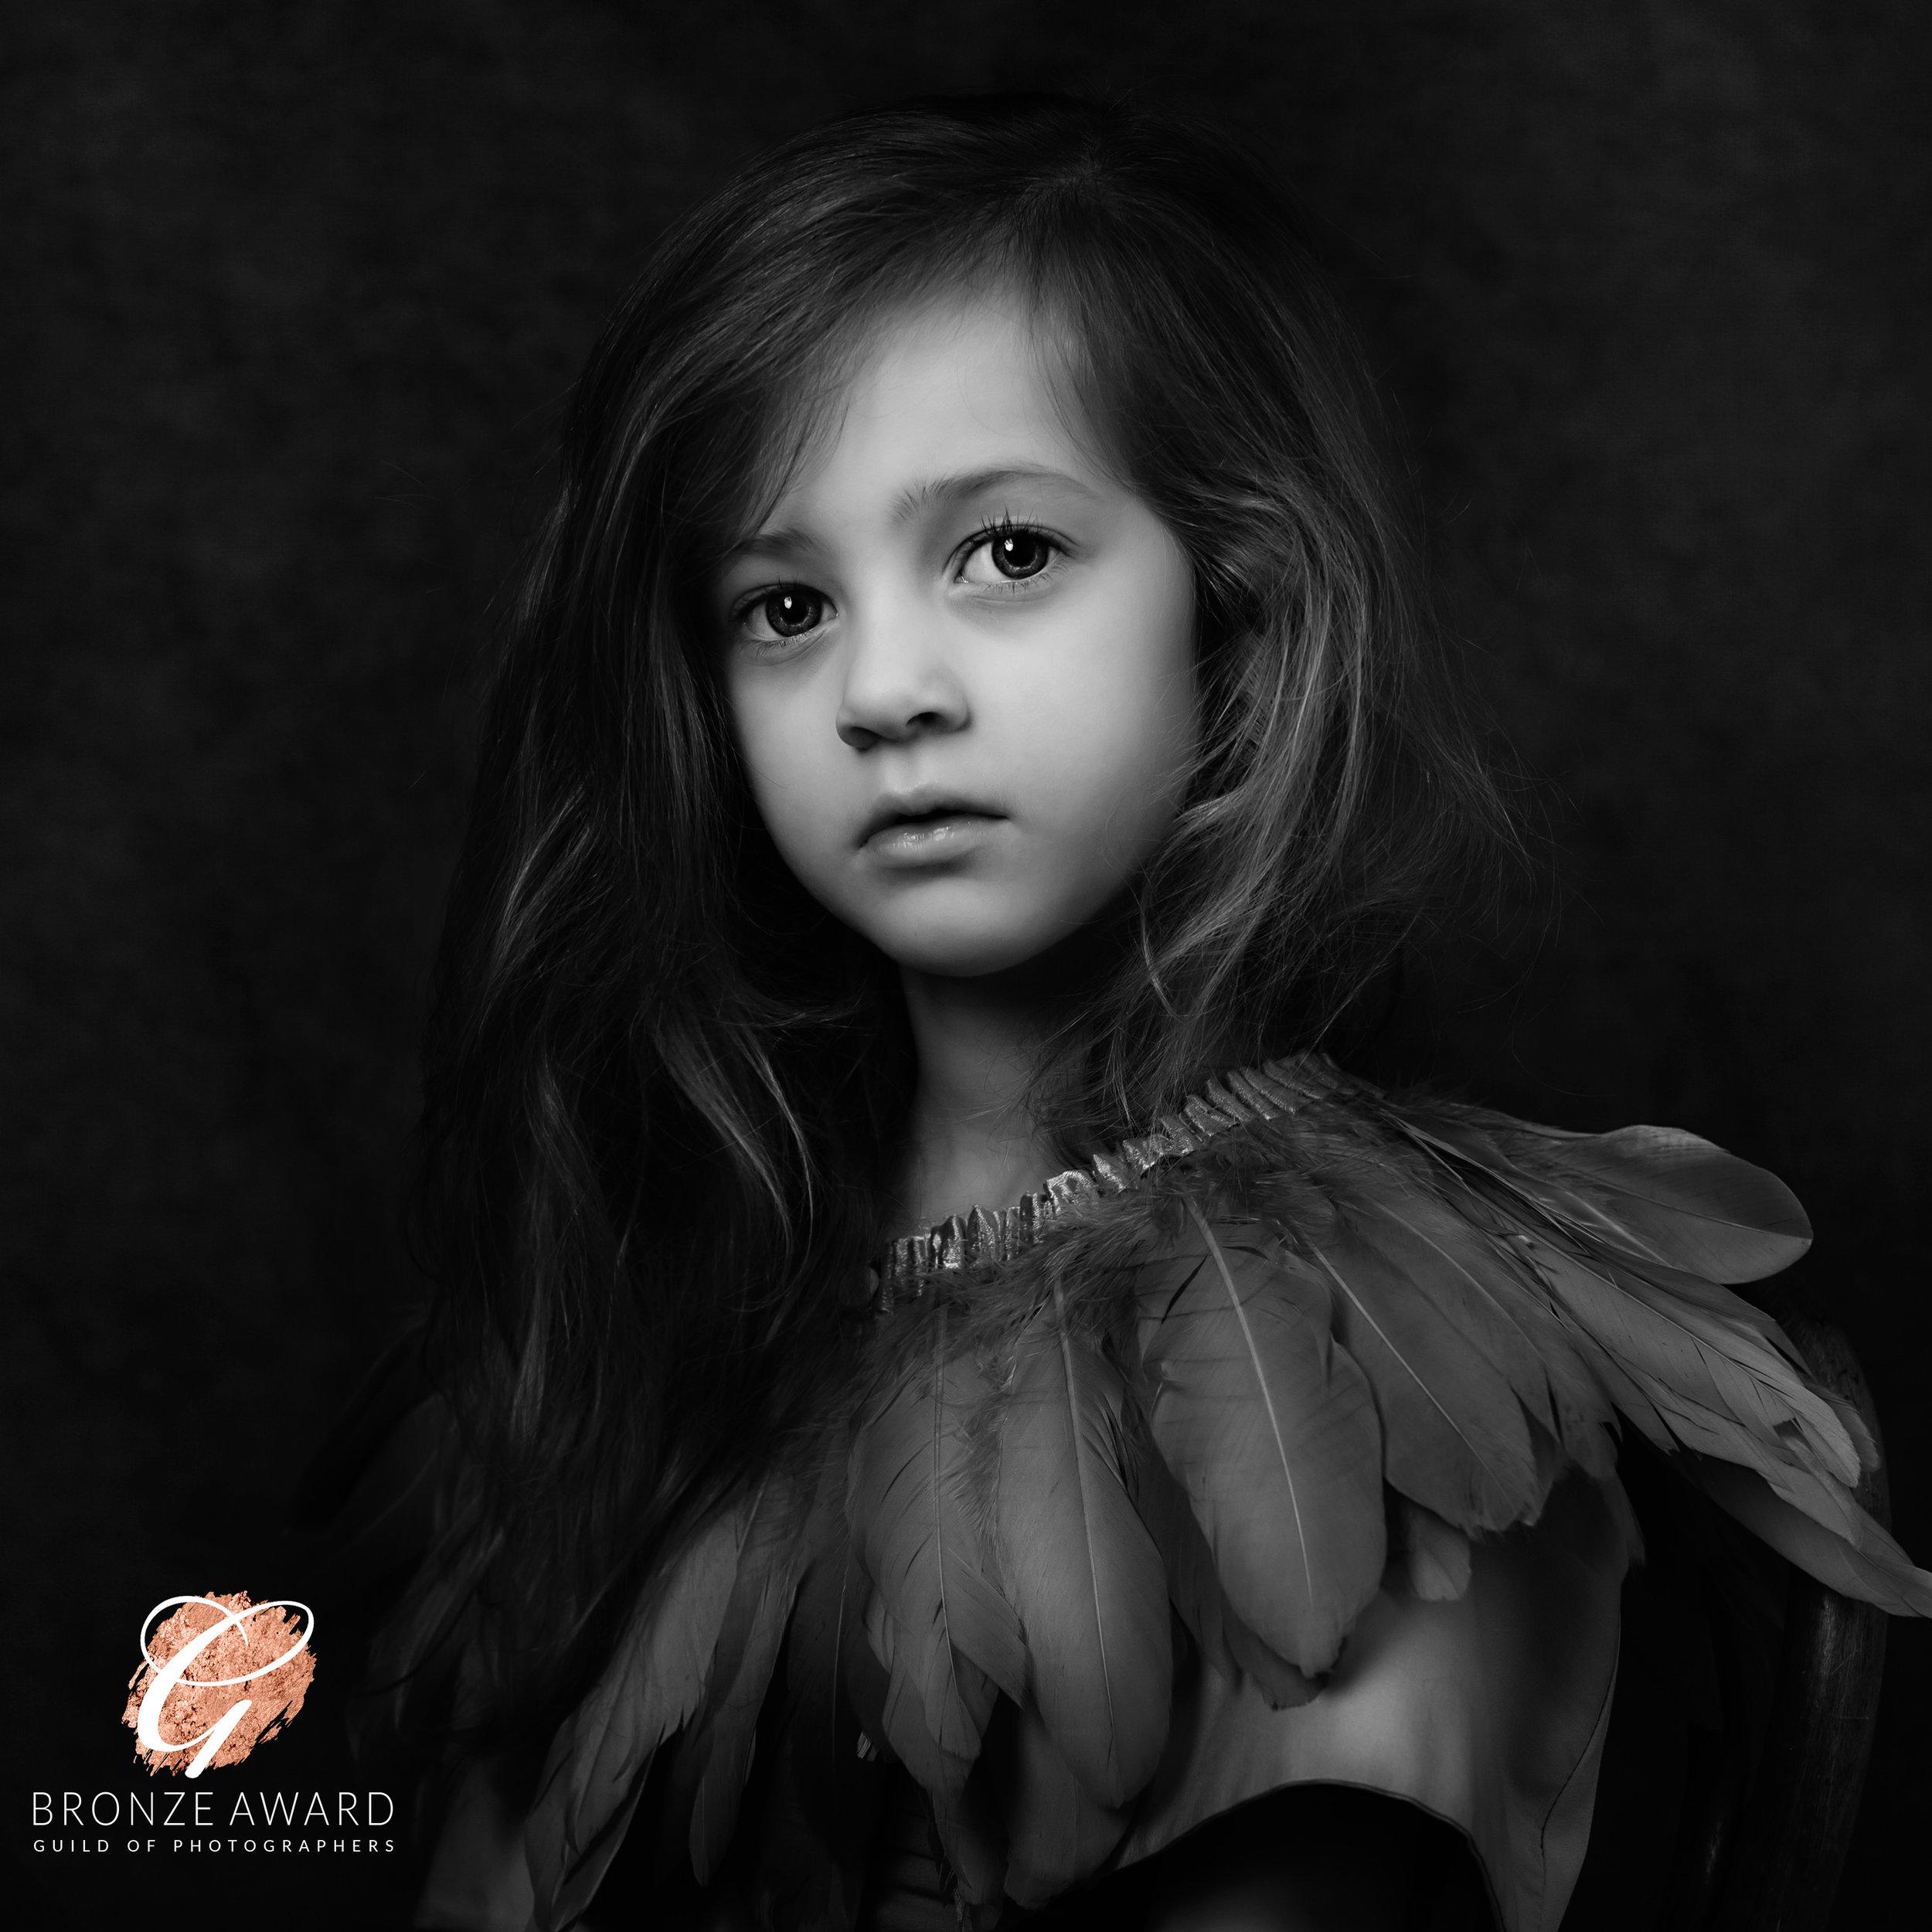 Award winning image- Karen Kimmins Photography